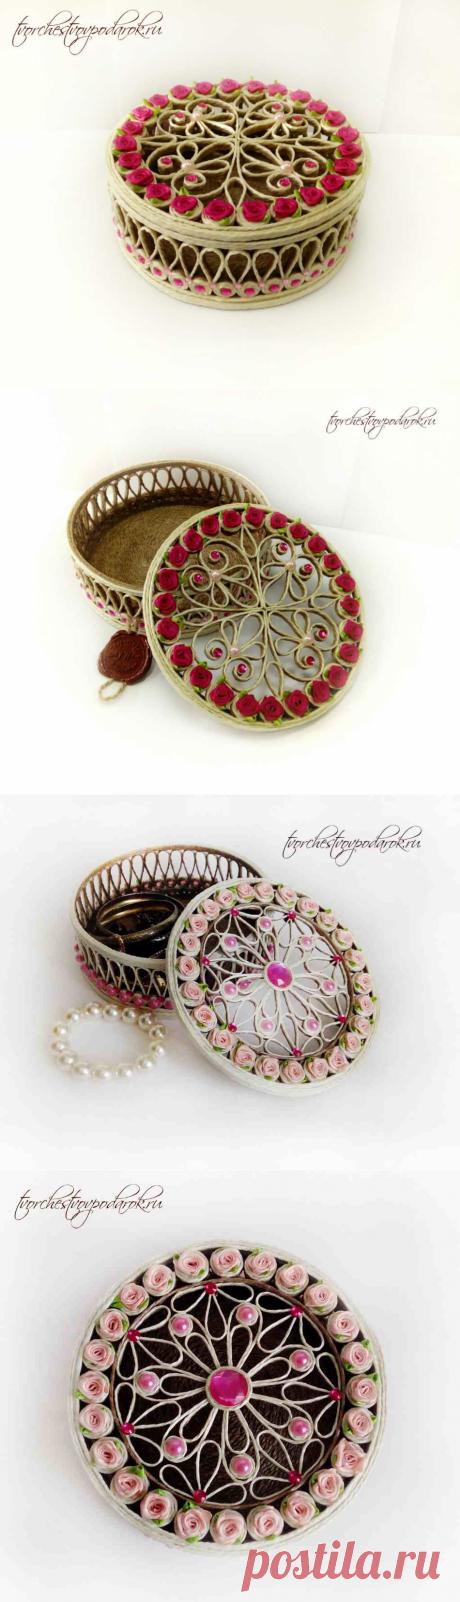 Шкатулка с цветами | Джутовая филигрань | Шкатулка из джута